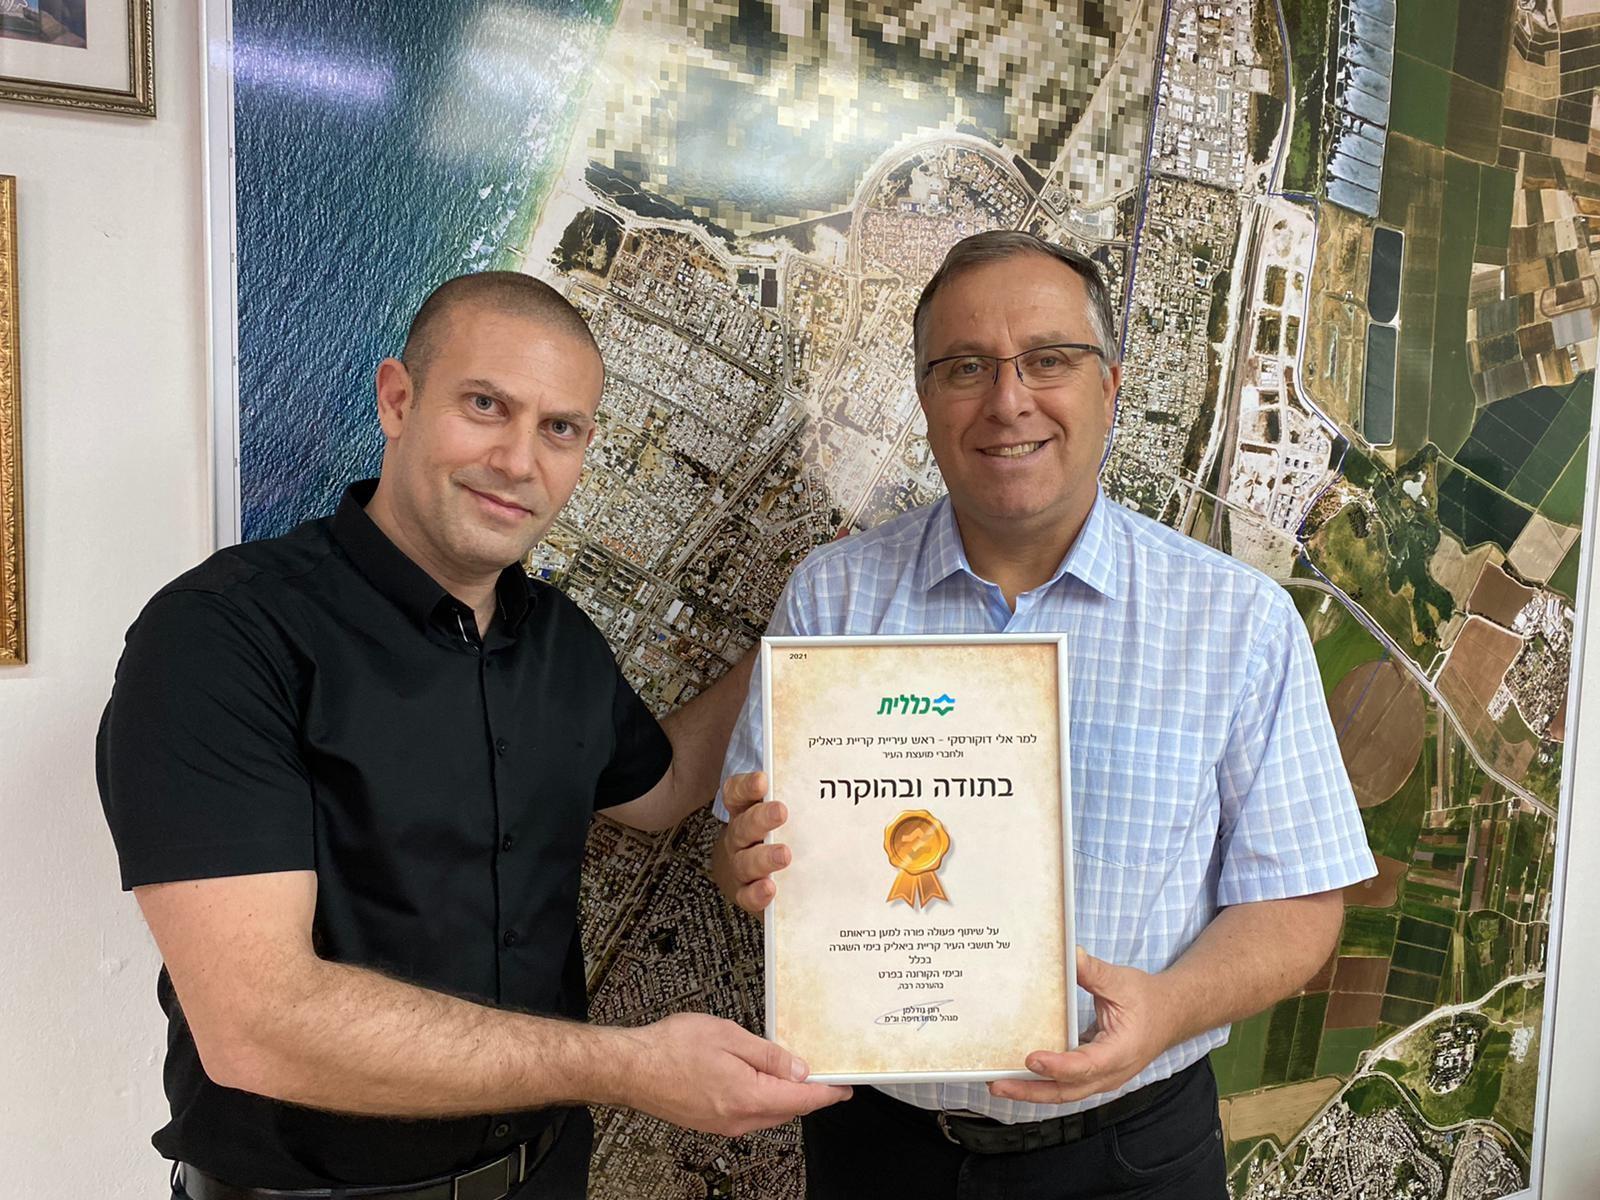 רונן נודלמן מעניק לראש עירית קרית ביאליק, אלי דוקורסקי, תעודת הוקרה | צילום: דוברות כללית